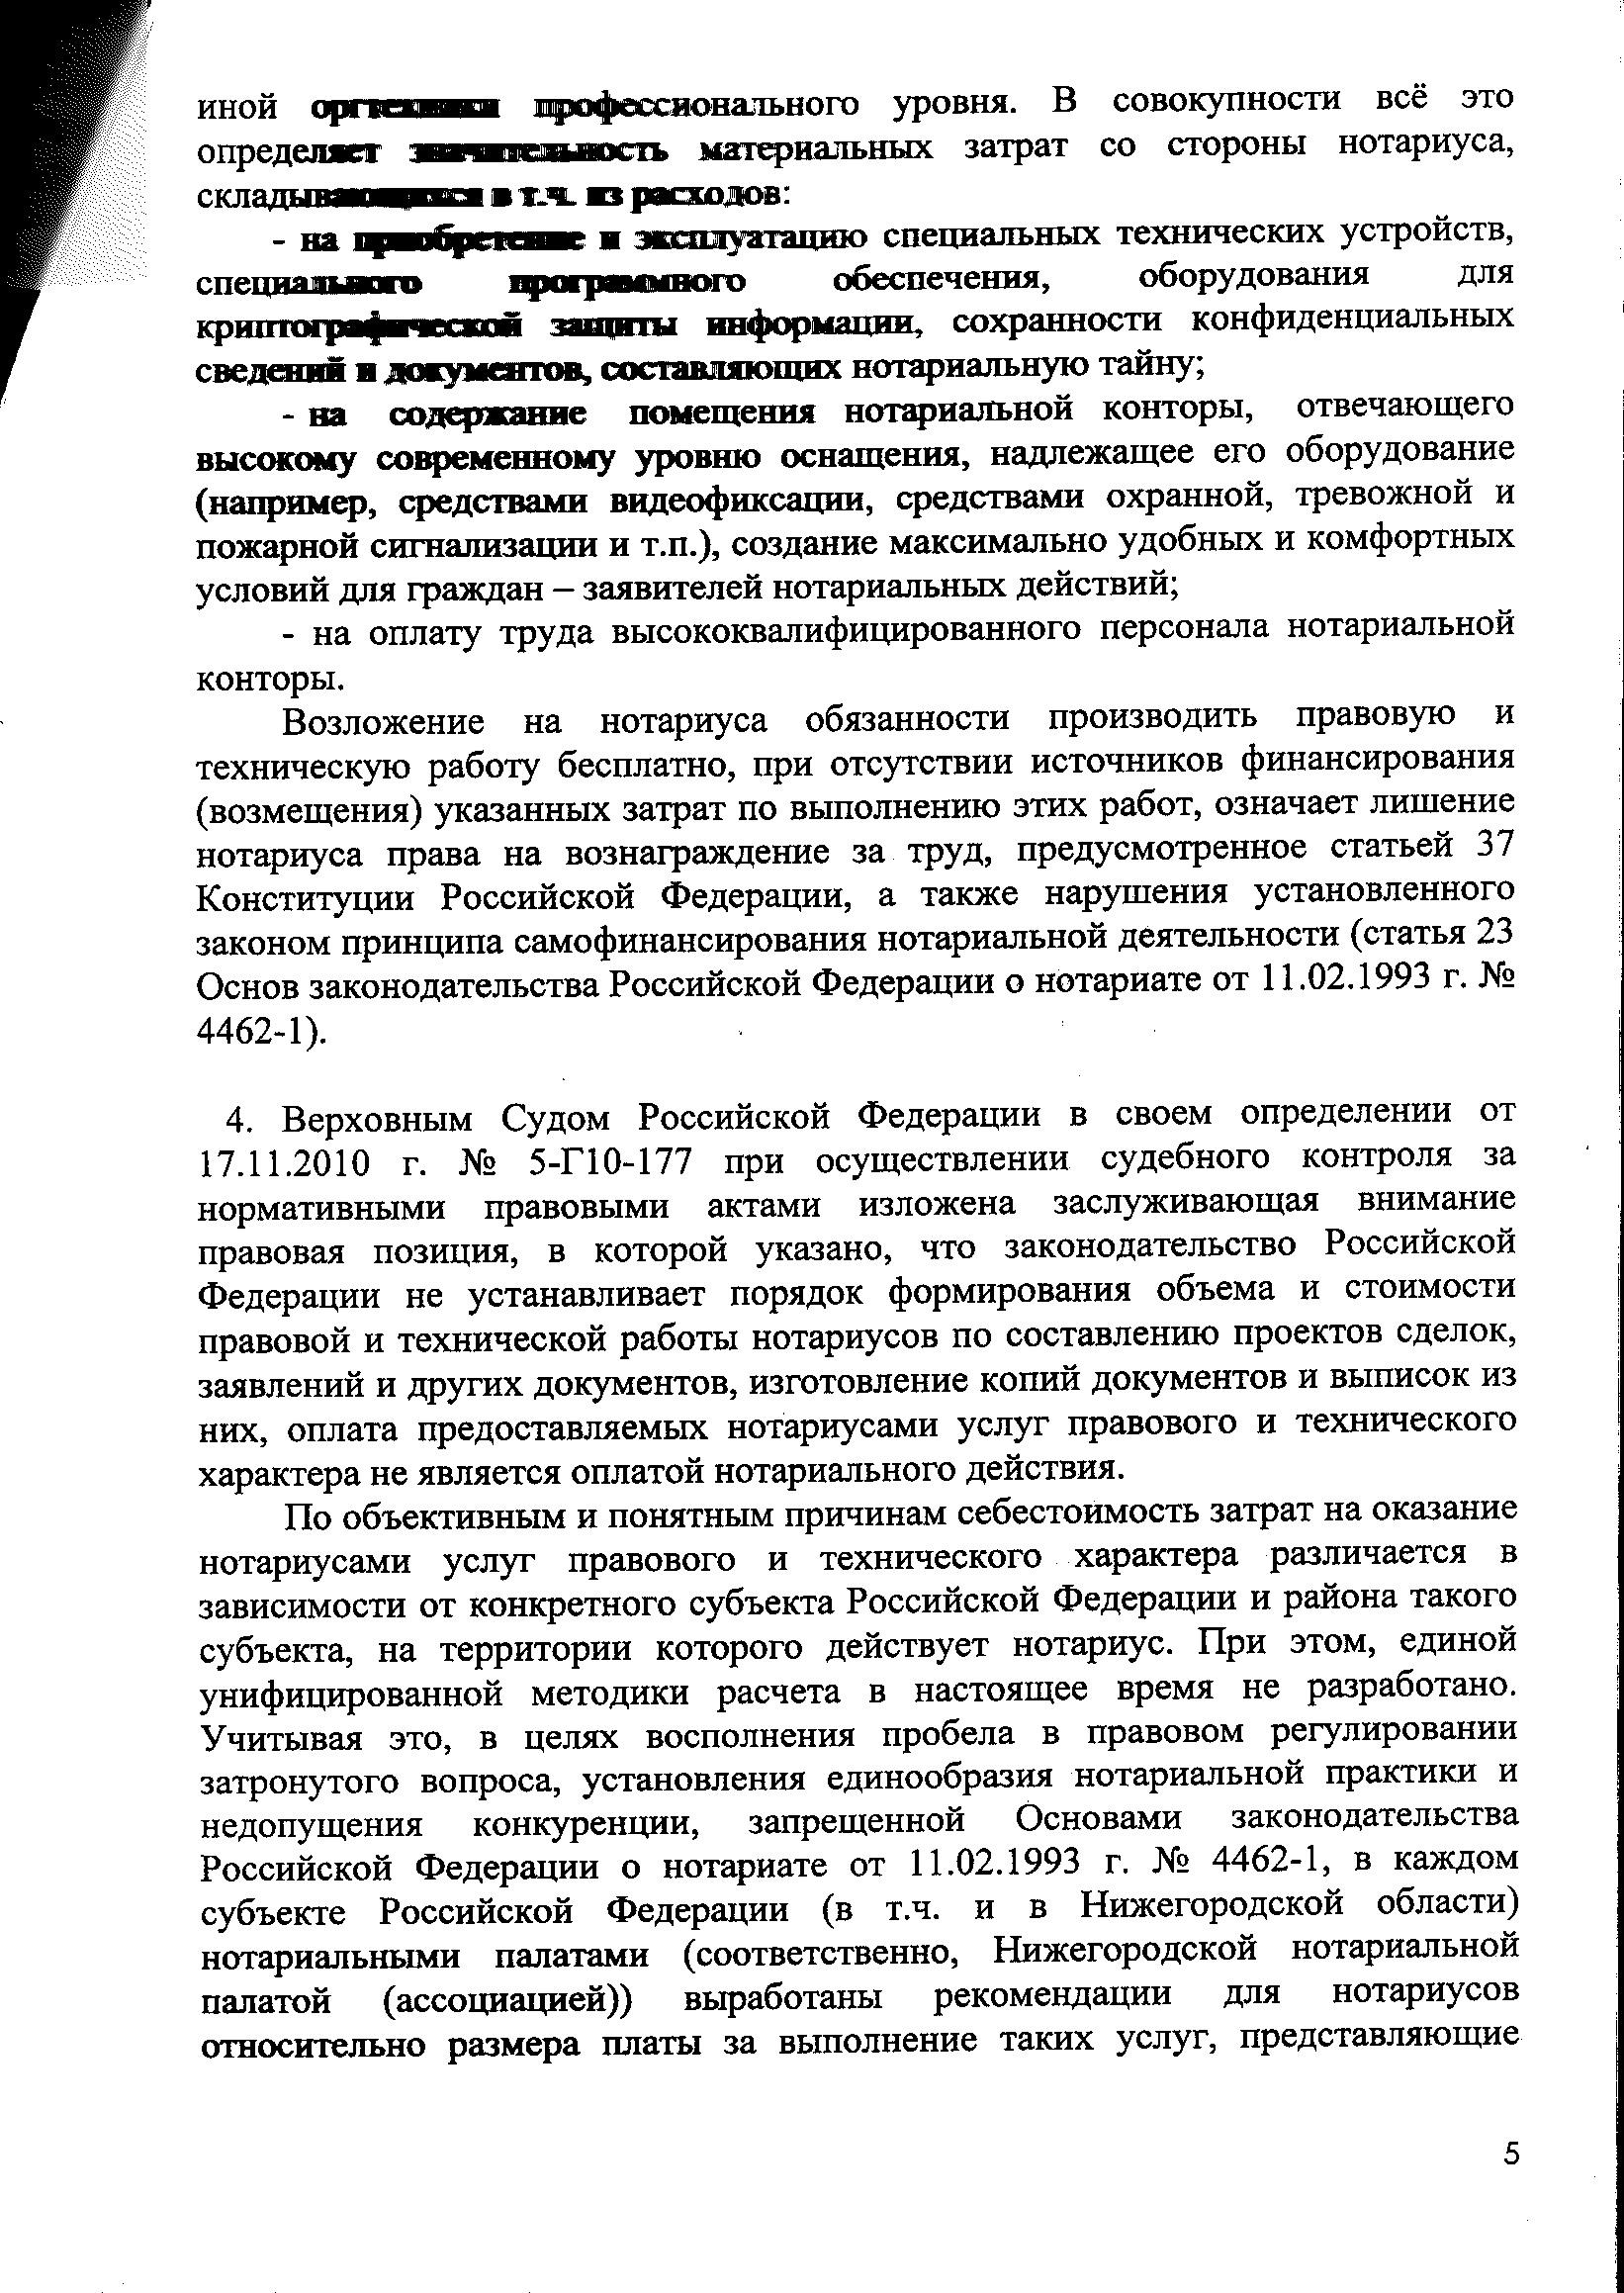 Ответ ННП стр.5